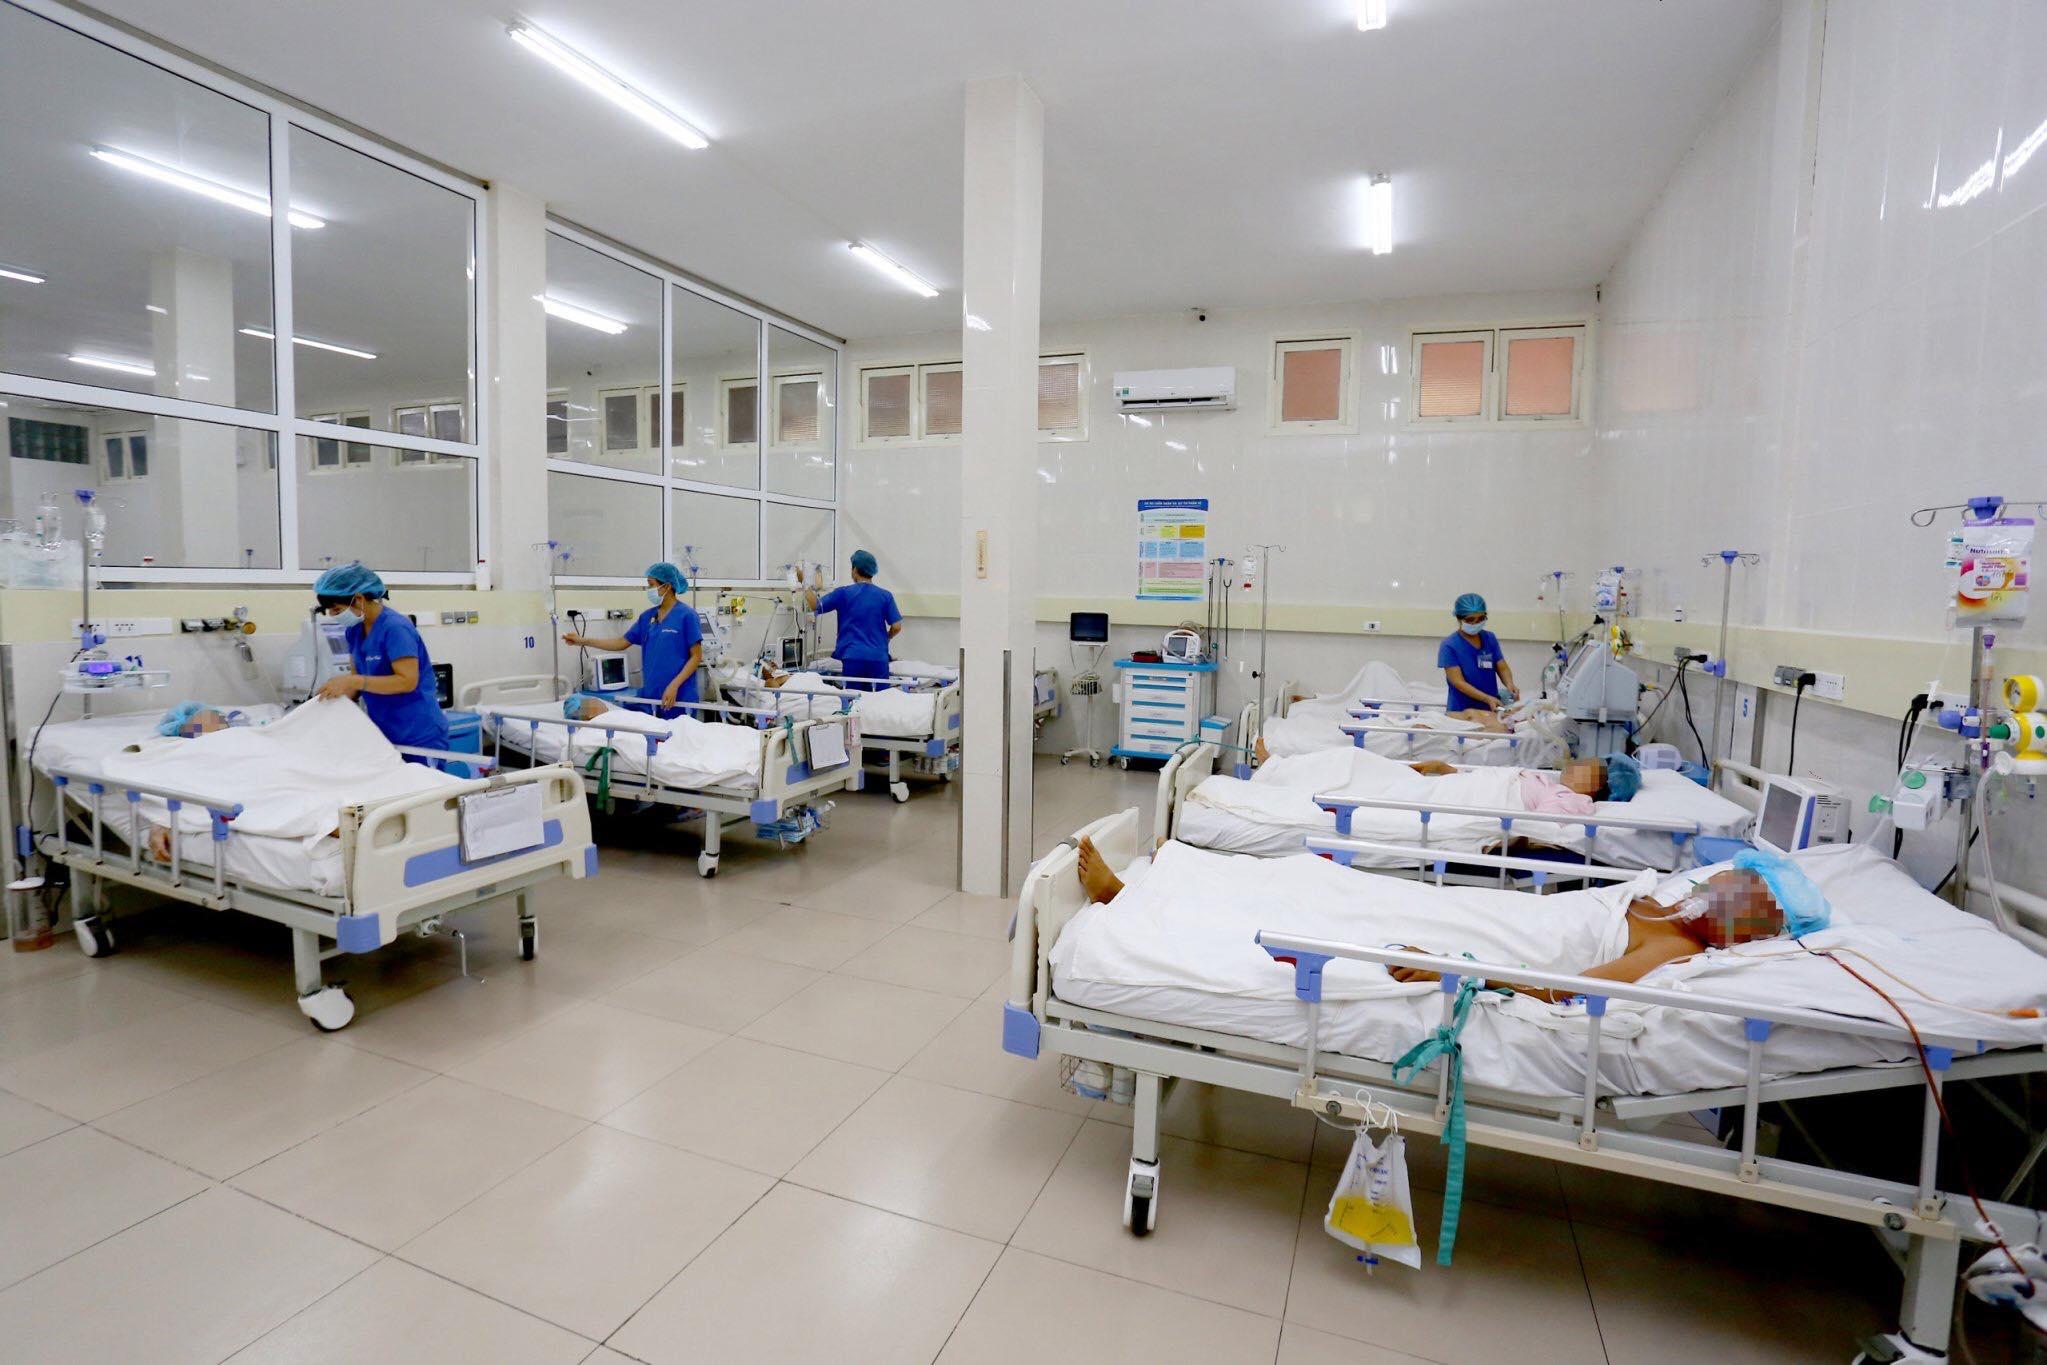 Bệnh nhân đột quỵ được các y bác sĩ ở Bệnh viện TW Huế cấp cứu và chăm sóc đặc biệt. Mỗi năm, trung tâm tiếp nhận trên 2.500 bệnh nhân. | Ảnh: Bệnh viện TW Huế